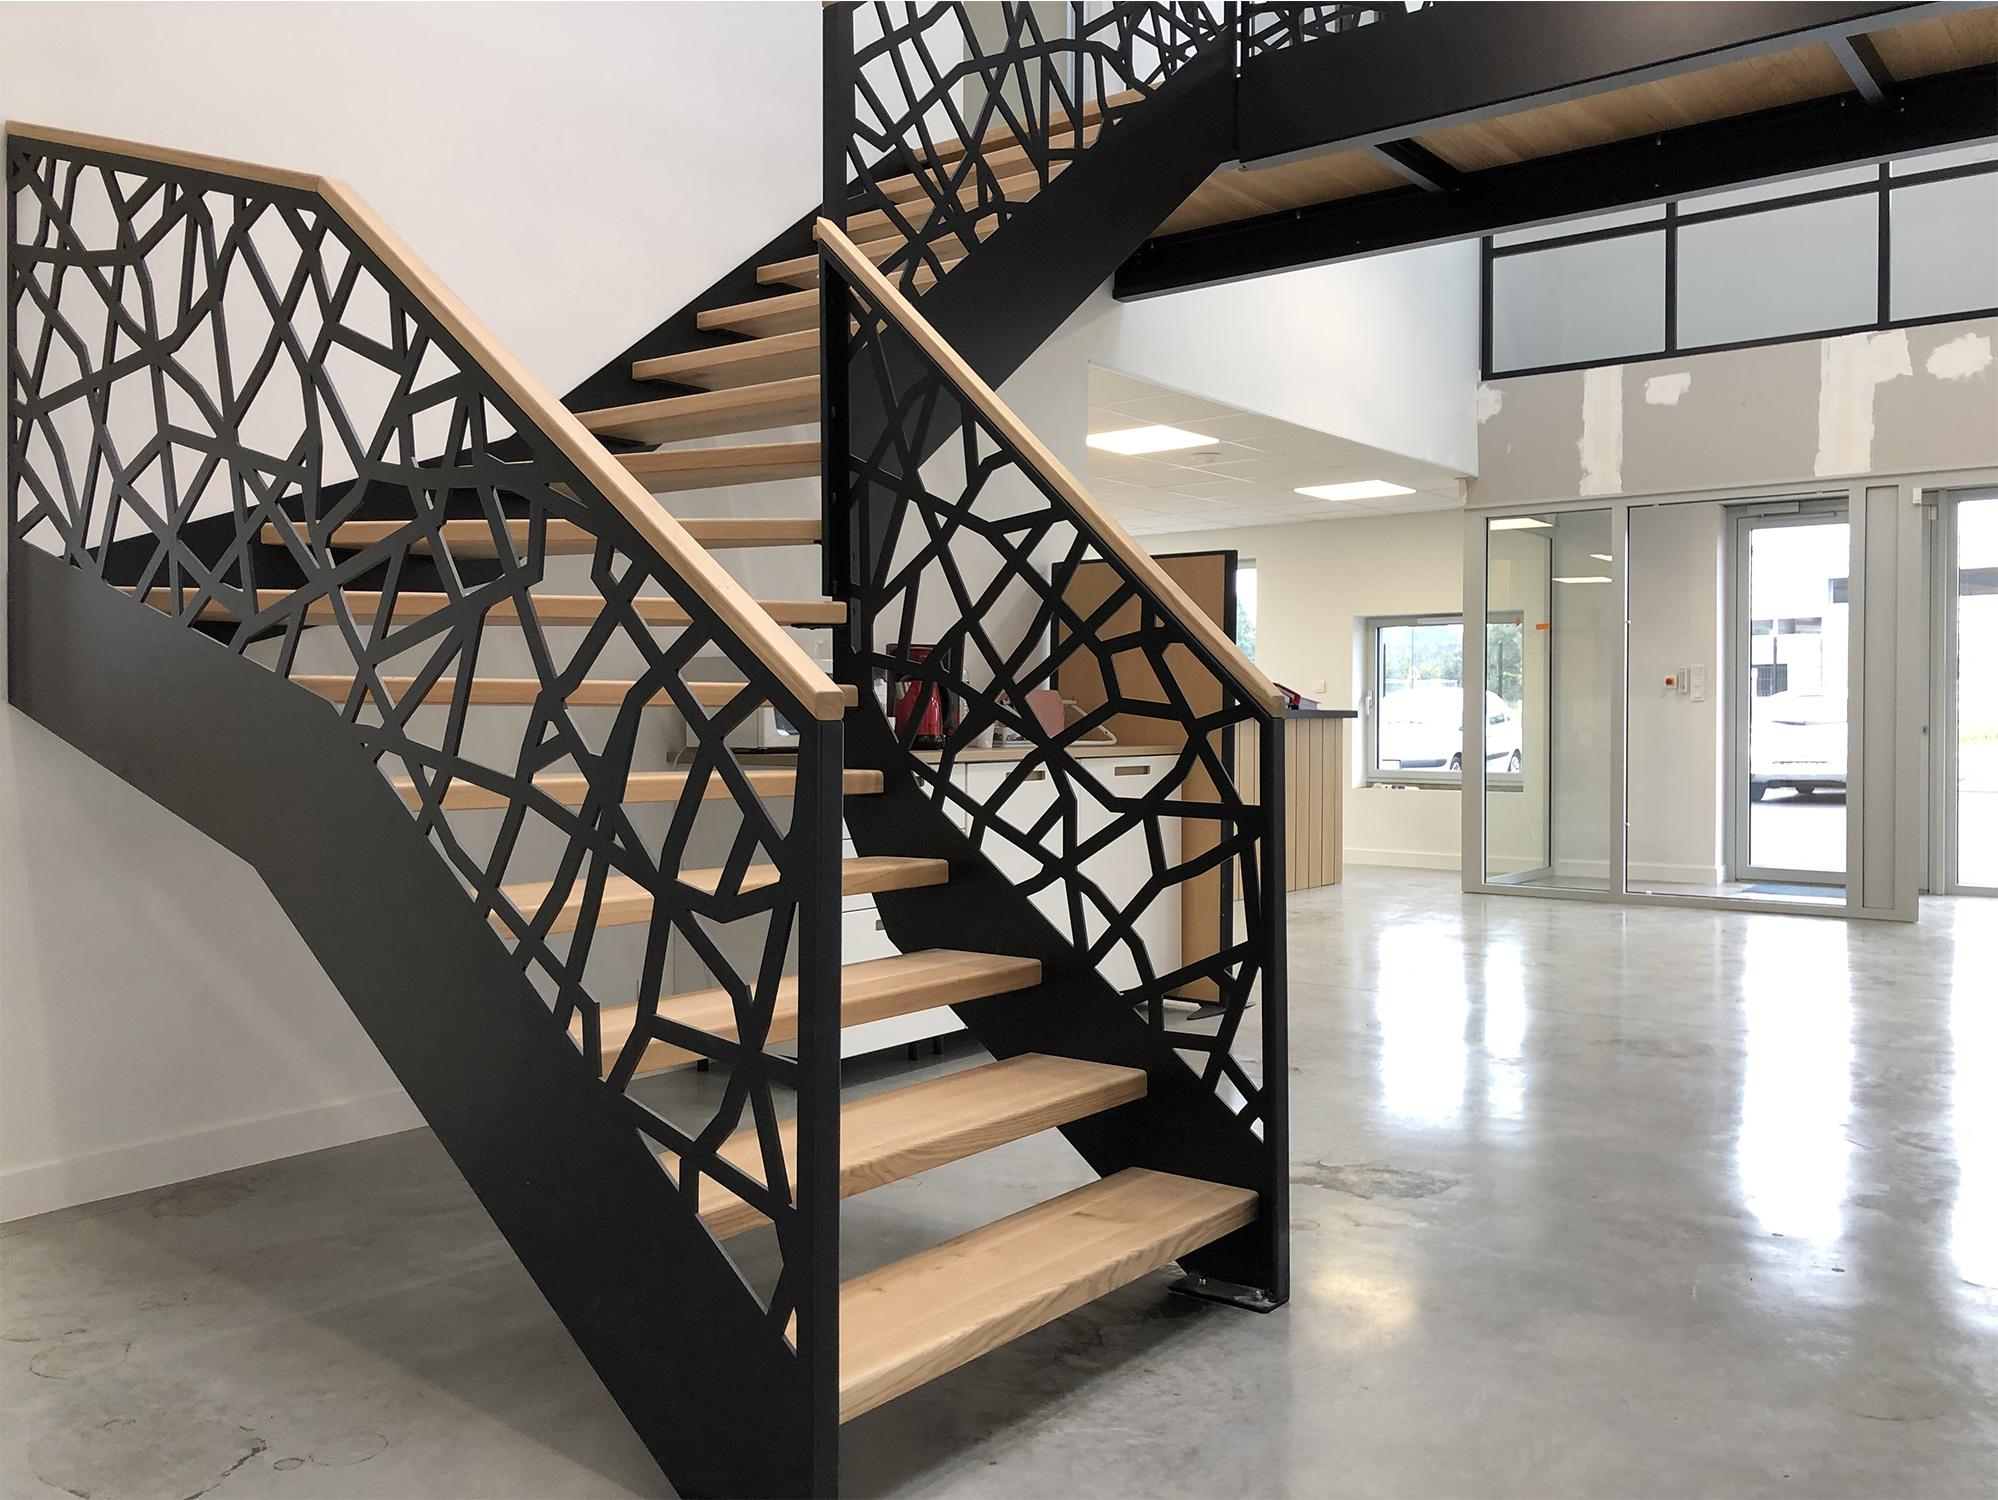 Peinture Pour Escalier Bois escaliers bois métal 29, garde corps guipavas - finistère